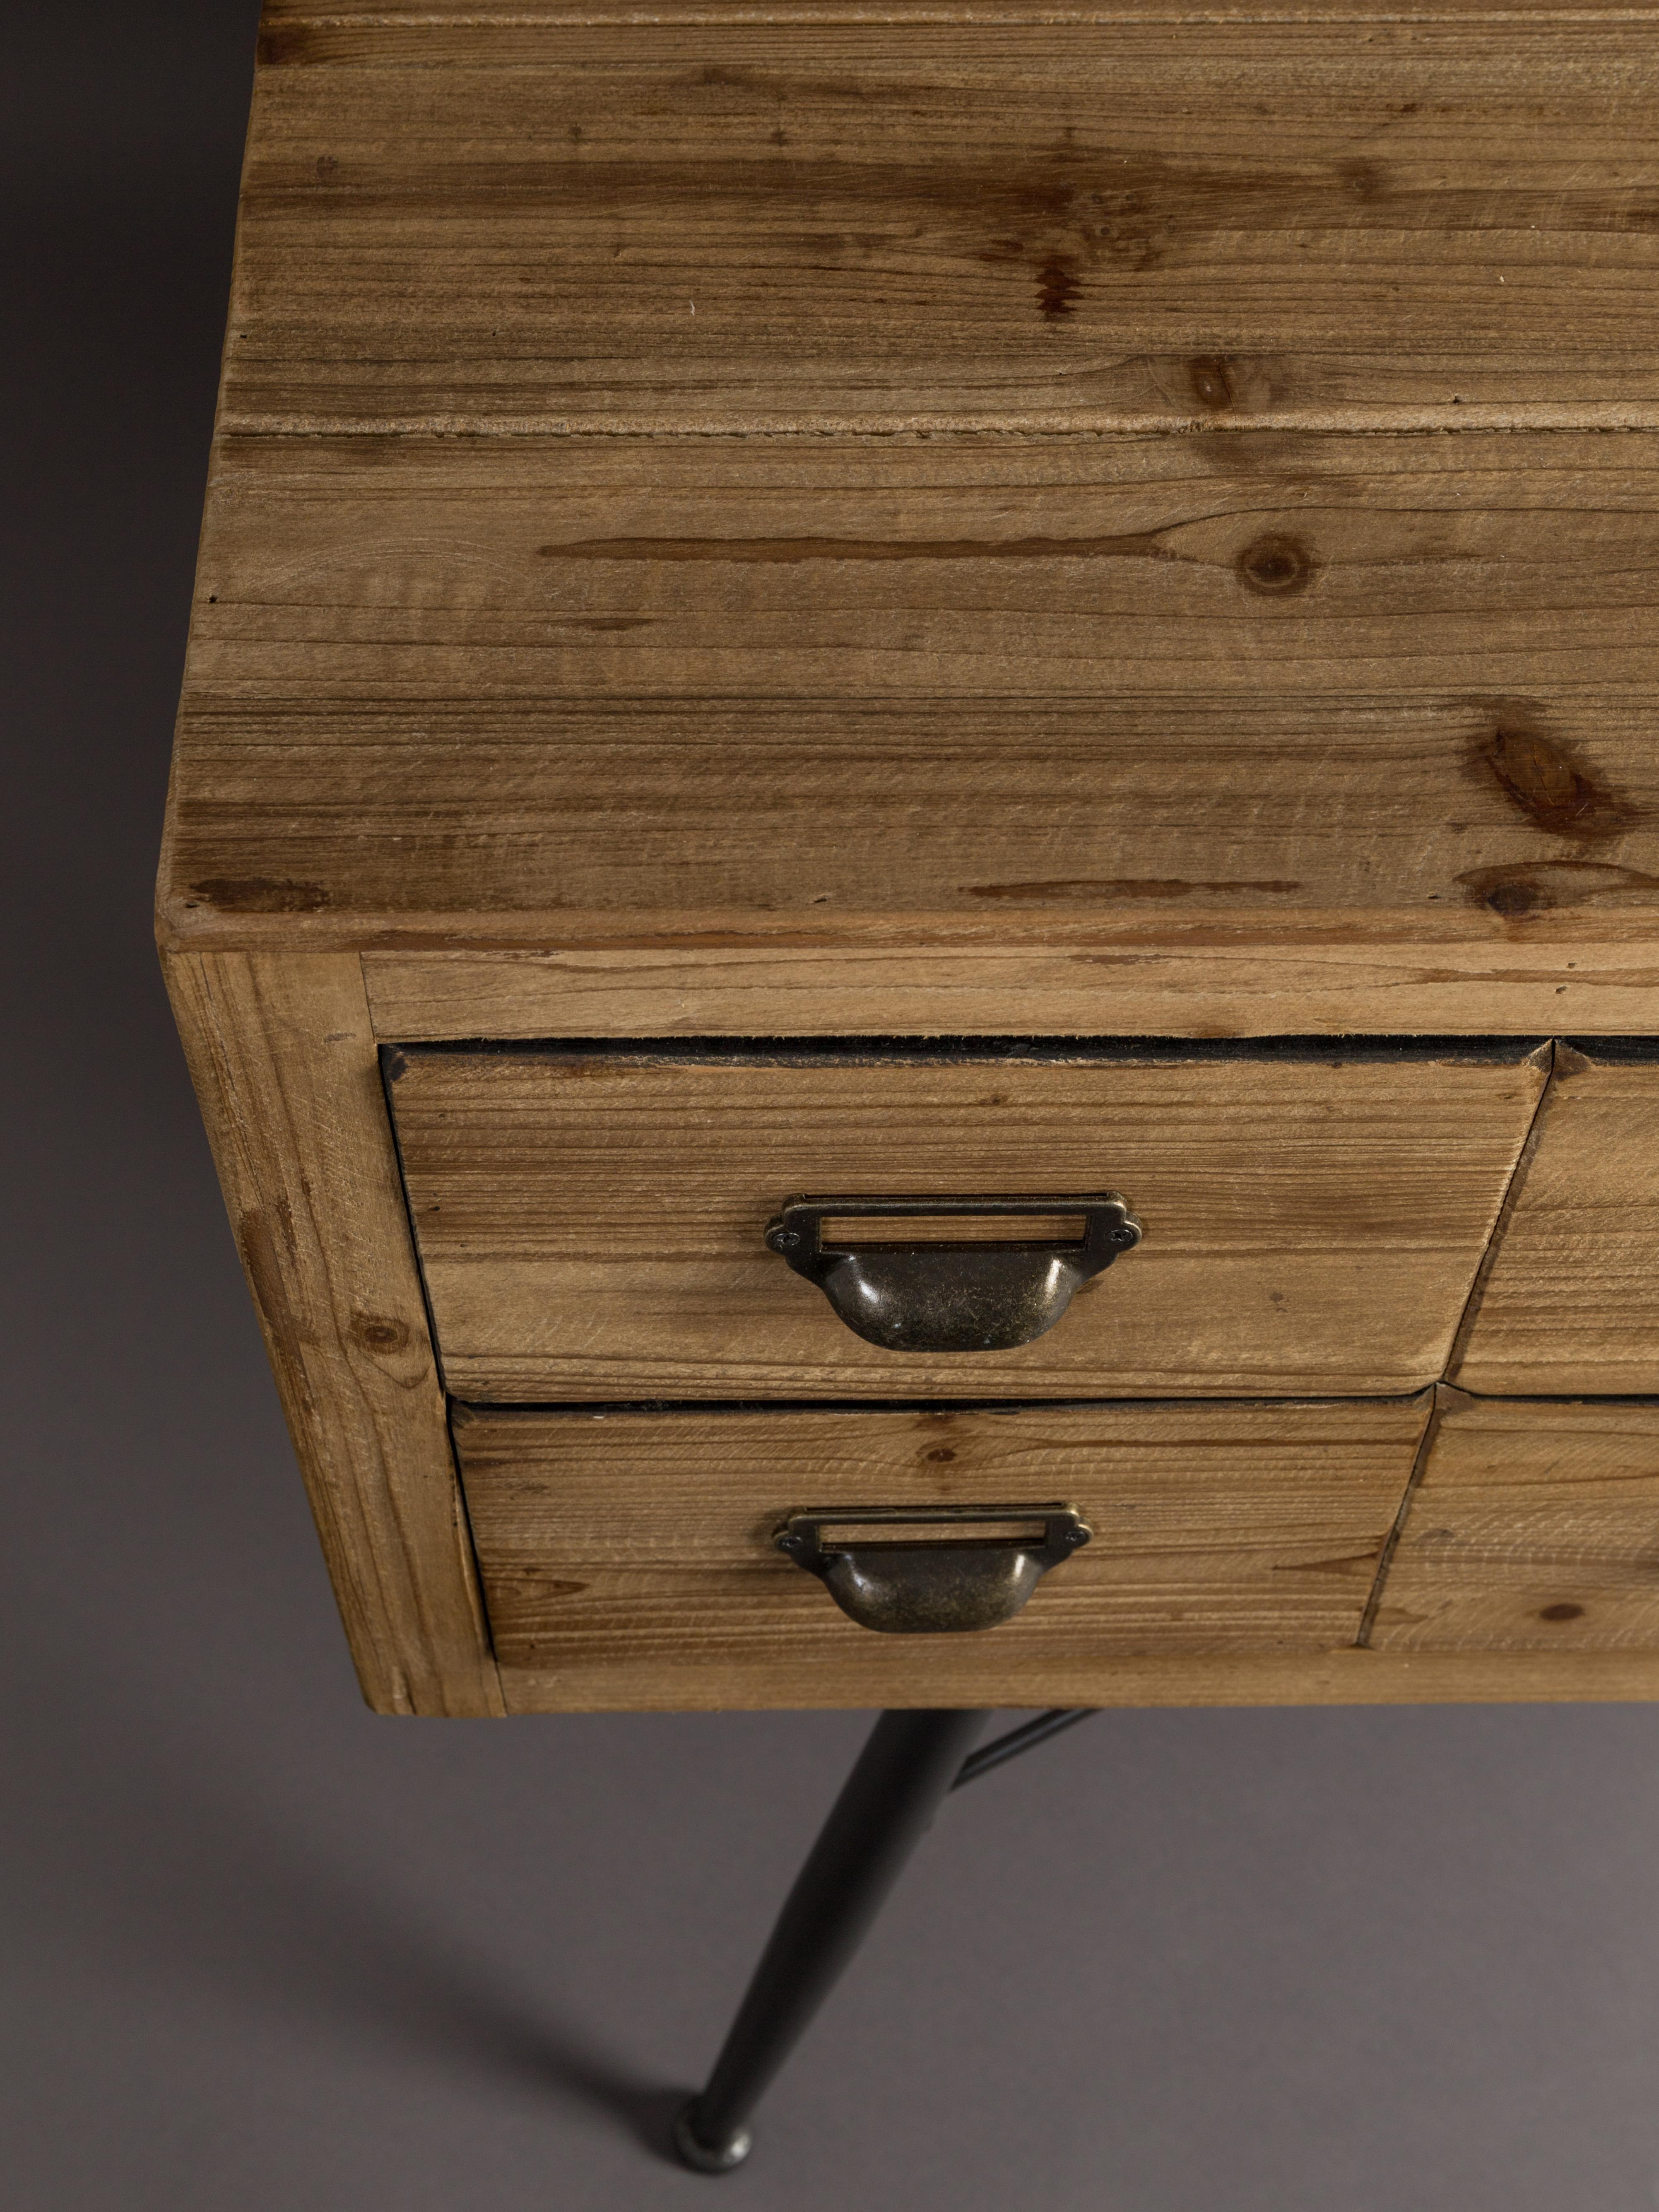 Apotheker-Sideboard Six mit Schubladen, Korpus und Schubladenfronten: Tannenholz, Antik-Finish, Beine: Eisen, lackiert, Griffe: Eisen, Antik-Finish, Tannenholz, Anthrazit, 150 x 84 cm